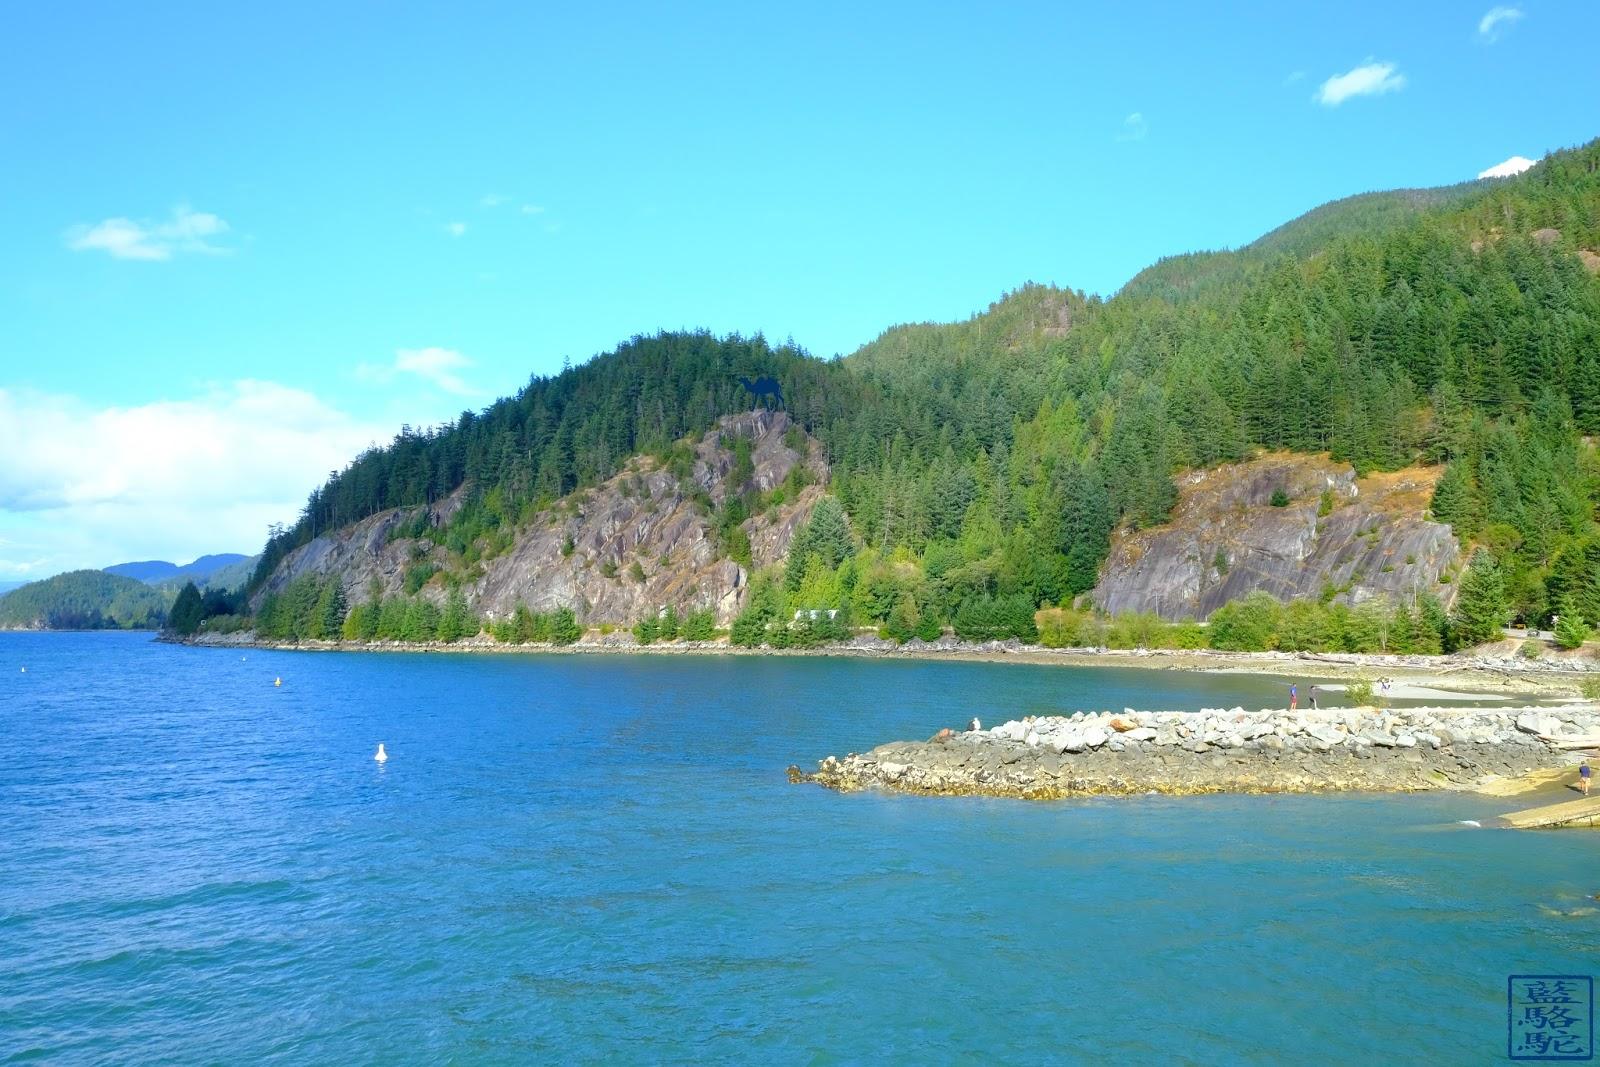 Le Chameau Bleu - Blog Voyage Canada Colombie Britannique -Porteau Cove